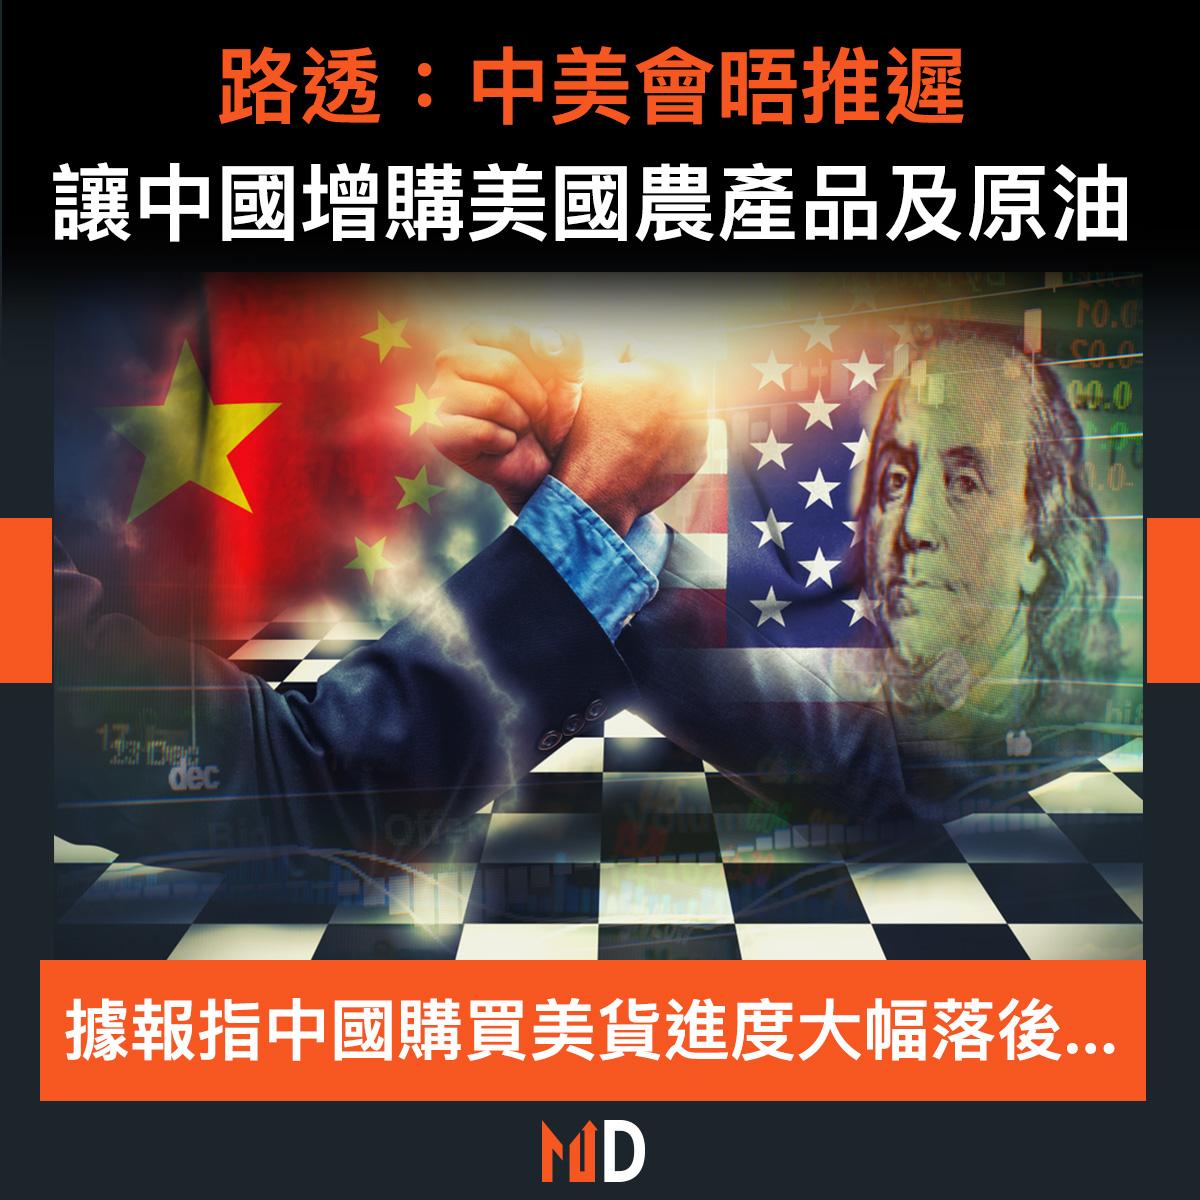 【市場熱話】路透:中美會晤推遲,讓中國增購美國農產品及原油